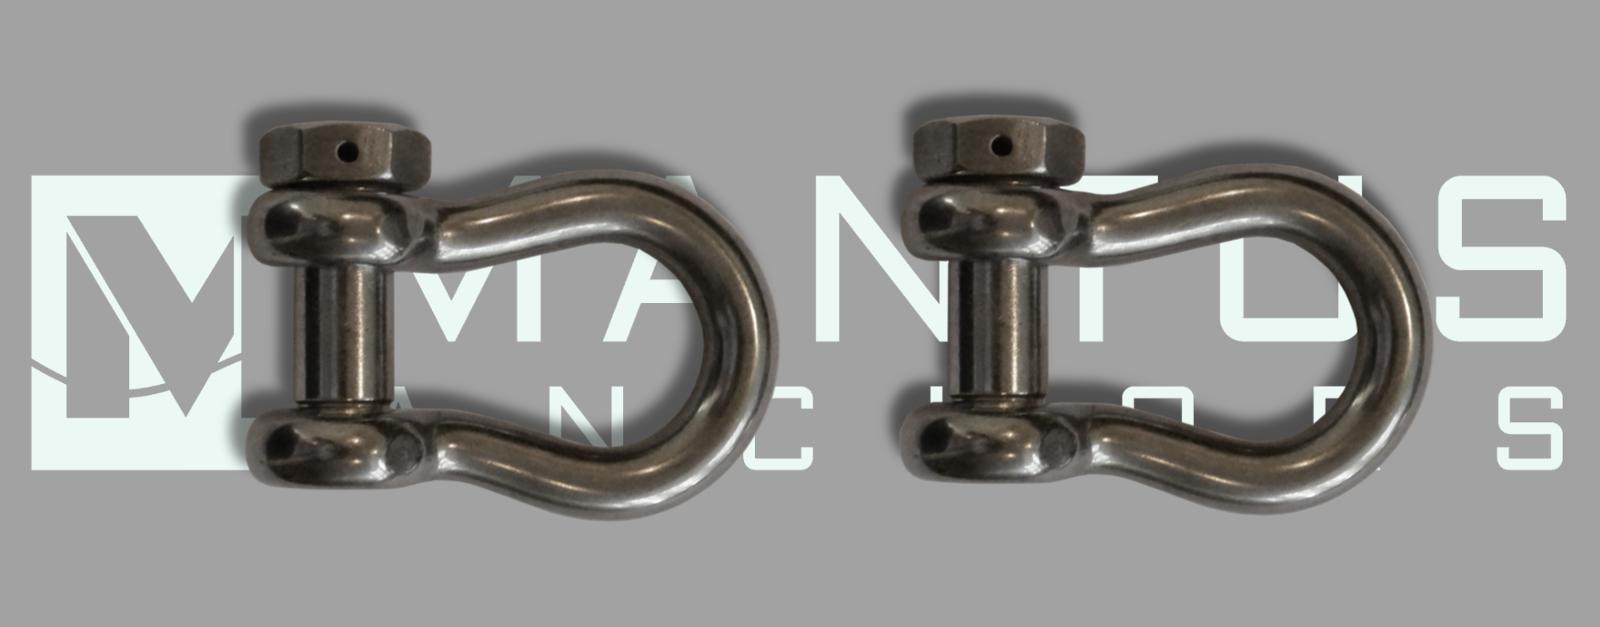 website-shackle-slider-2